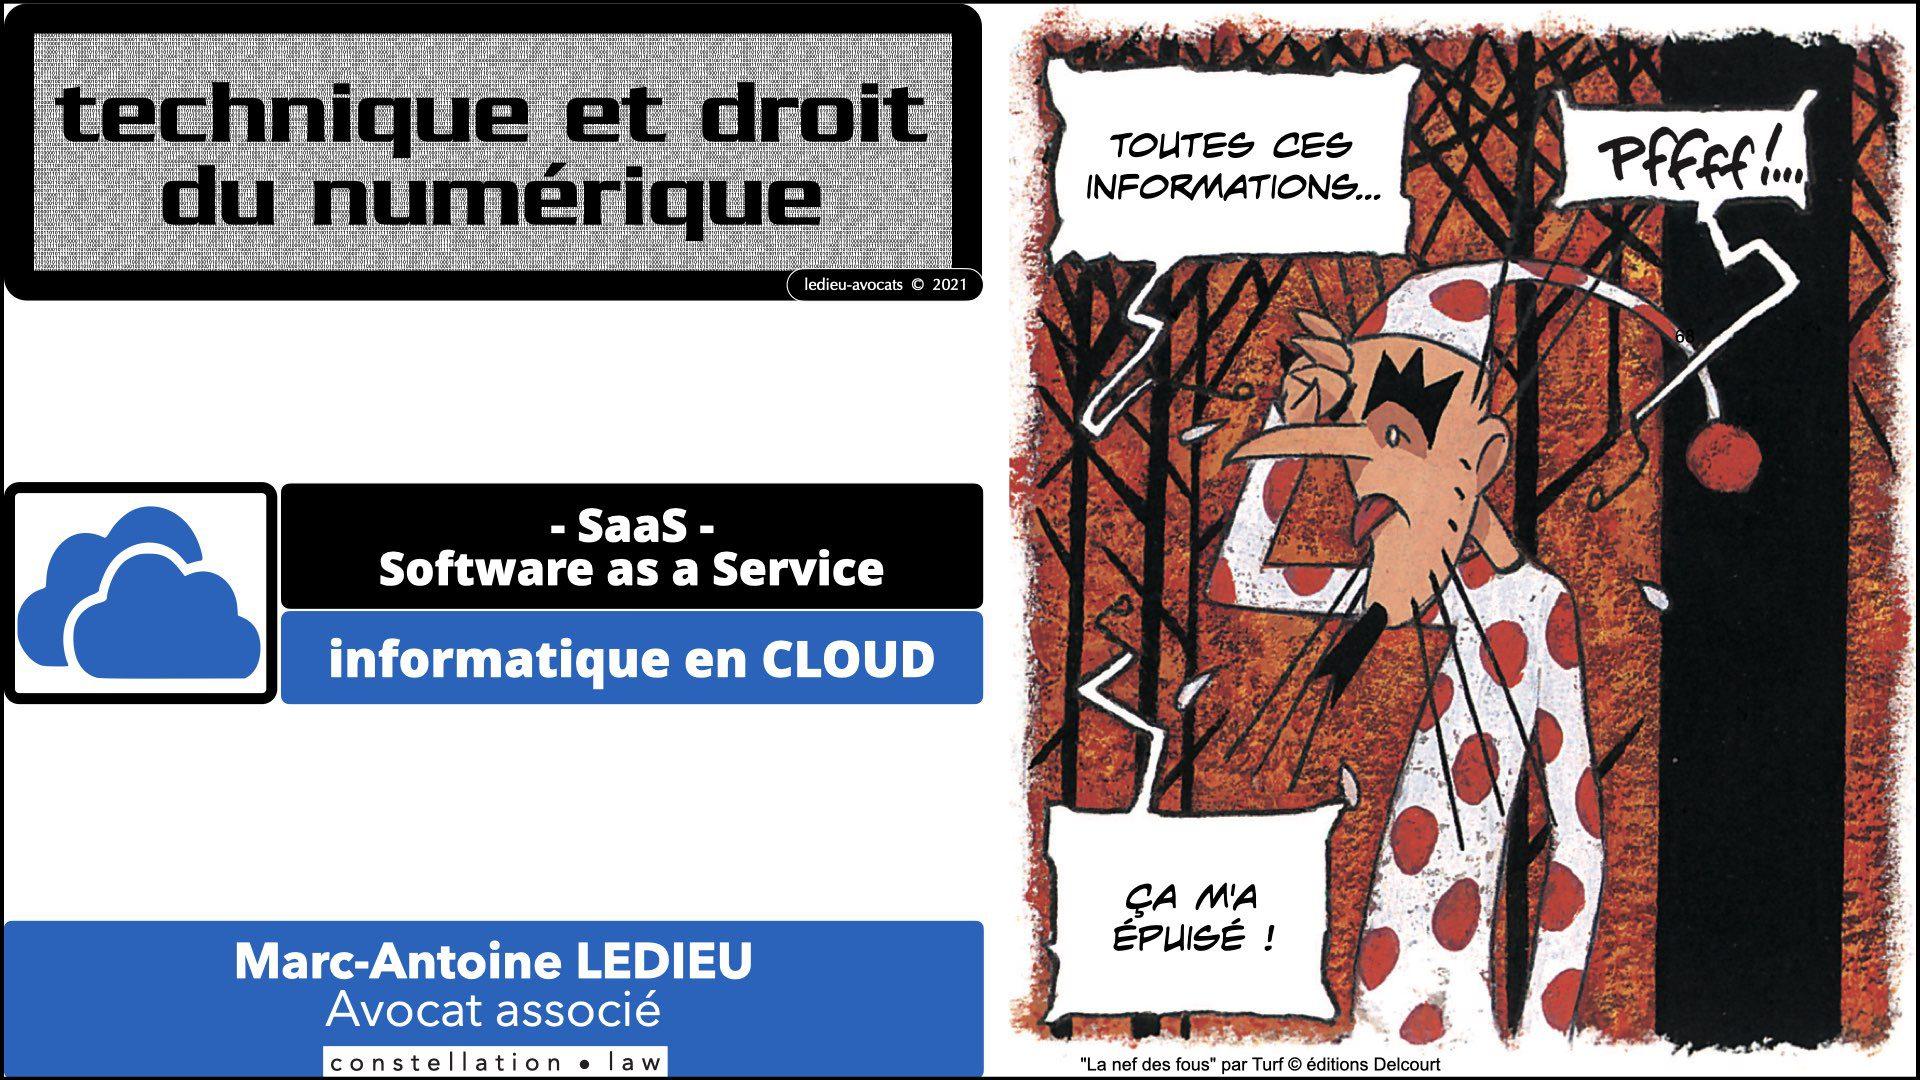 343 service LOGICIEL SaaS Software-as-a-Service cloud computing © Ledieu-Avocats technique droit numerique 30-08-2021.068